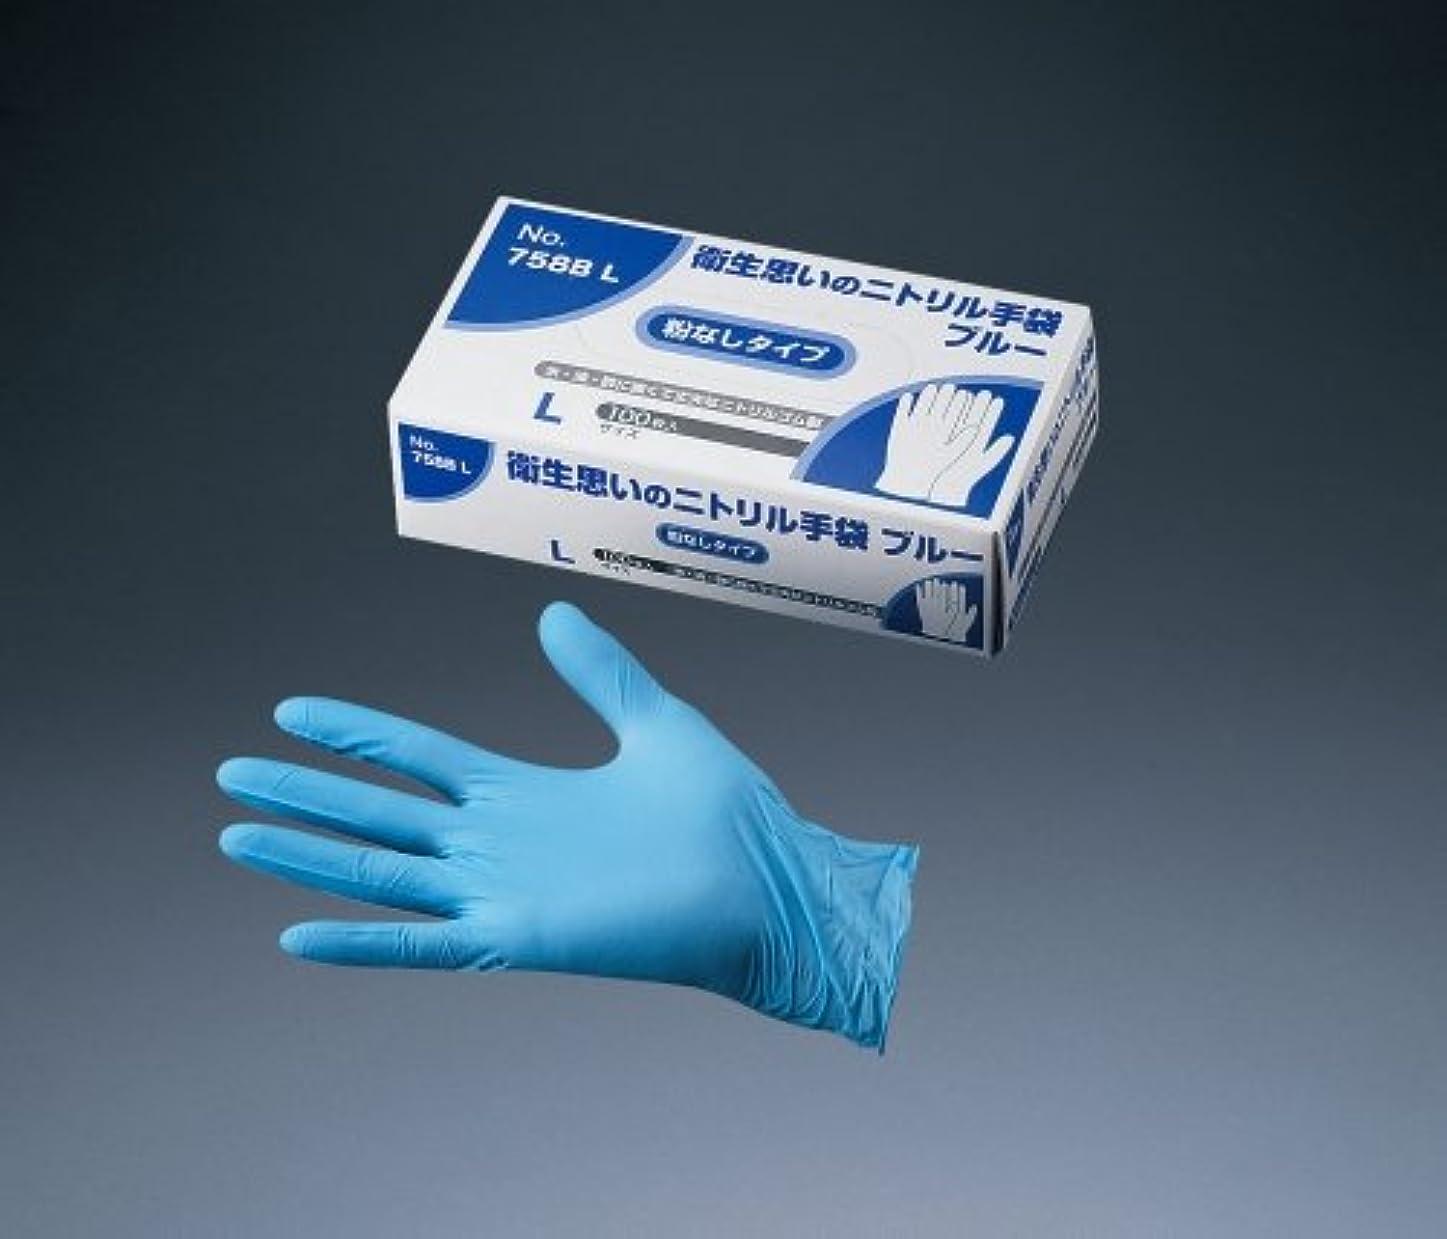 コストブラインド数字衛生思いのニトリル手袋(粉なし)ブルー No.758B S